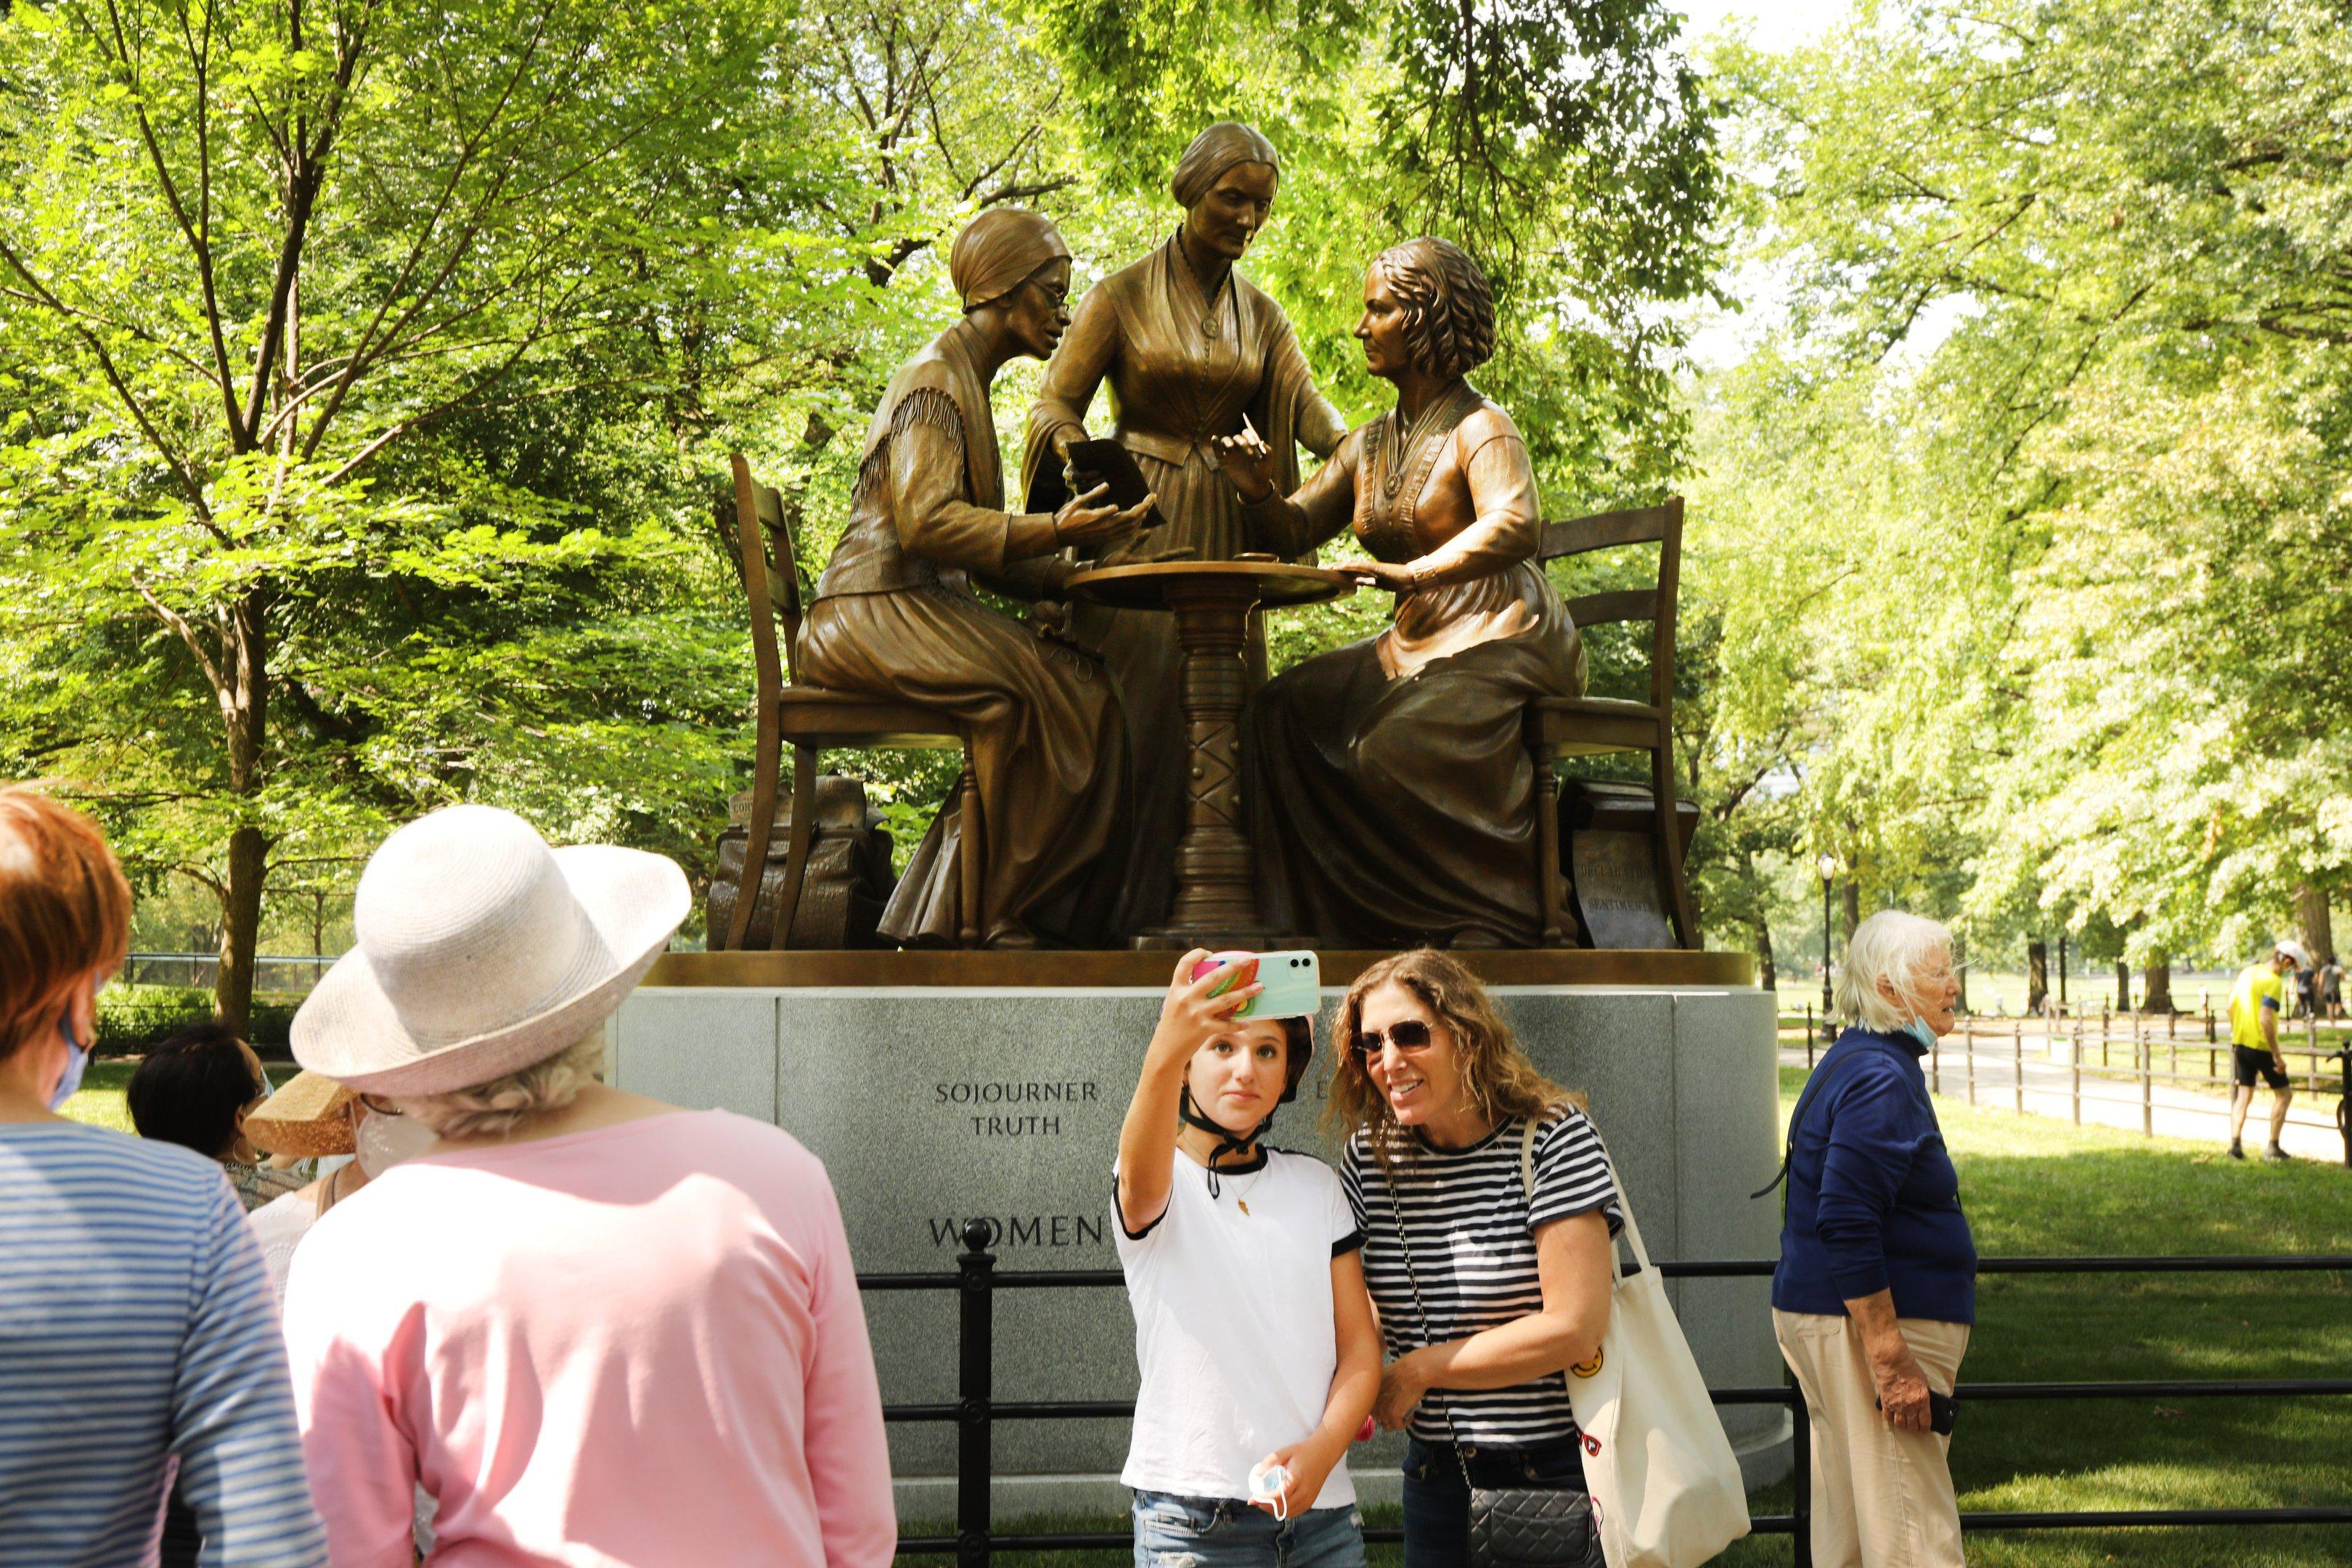 No Central Park, pessoas participaram da inauguração da estátua das mulheres Sojourner Truth, Susan B Anthony e Elizabeth Cady Stanton